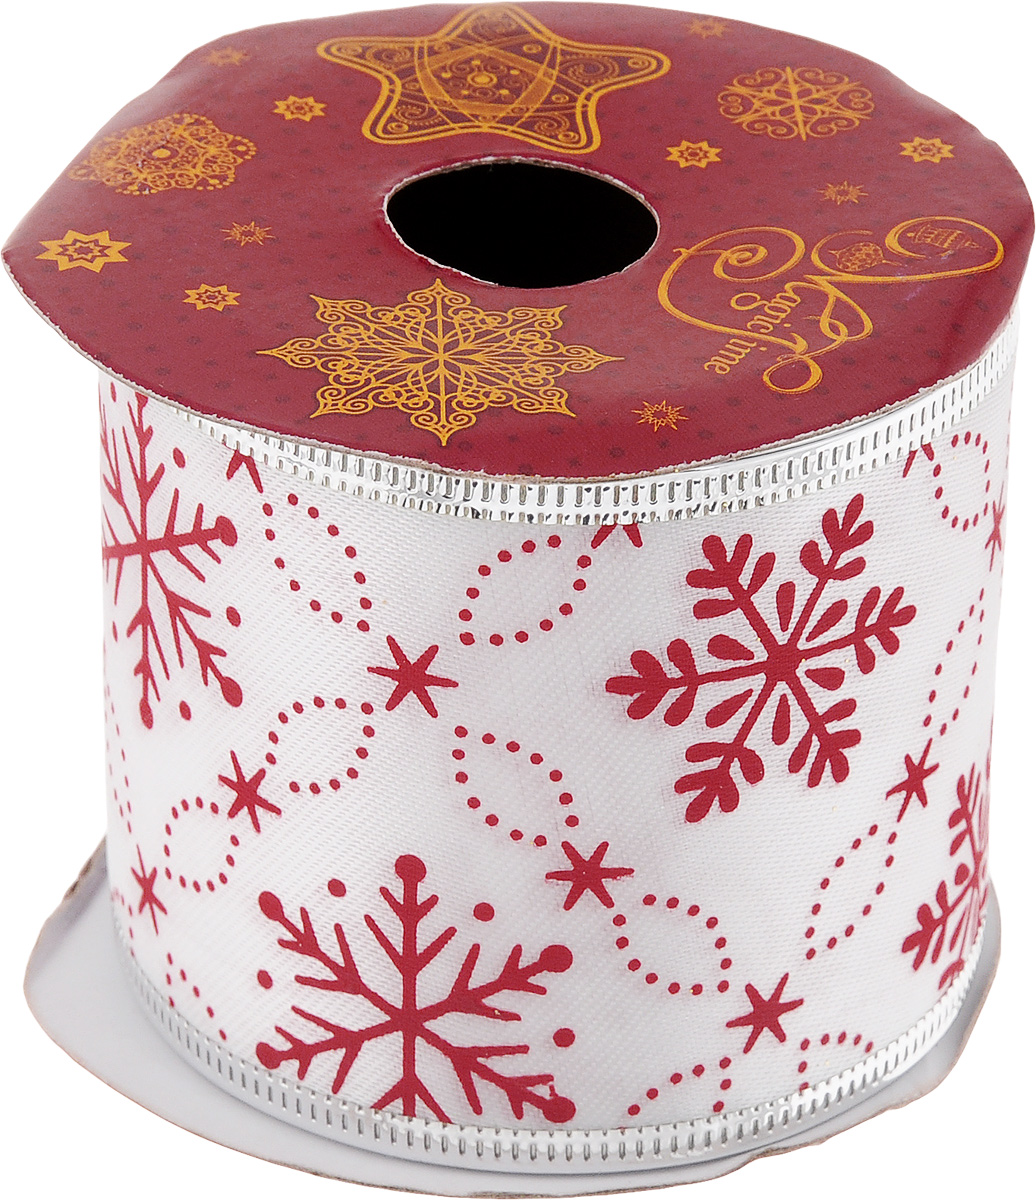 Лента новогодняя Magic Time Красные снежинки, 6,3 см х 2,7 м42819Декоративная лента Magic Time Красные снежинки выполнена из полиэстера. В края ленты вставлена проволока, благодаря чему ее легко фиксировать. Она предназначена для оформления подарочных коробок, пакетов. Кроме того, декоративная лента с успехом применяется для художественного оформления витрин, праздничного оформления помещений, изготовления искусственных цветов. Декоративная лента украсит интерьер вашего дома к праздникам.Ширина ленты: 6,3 см.